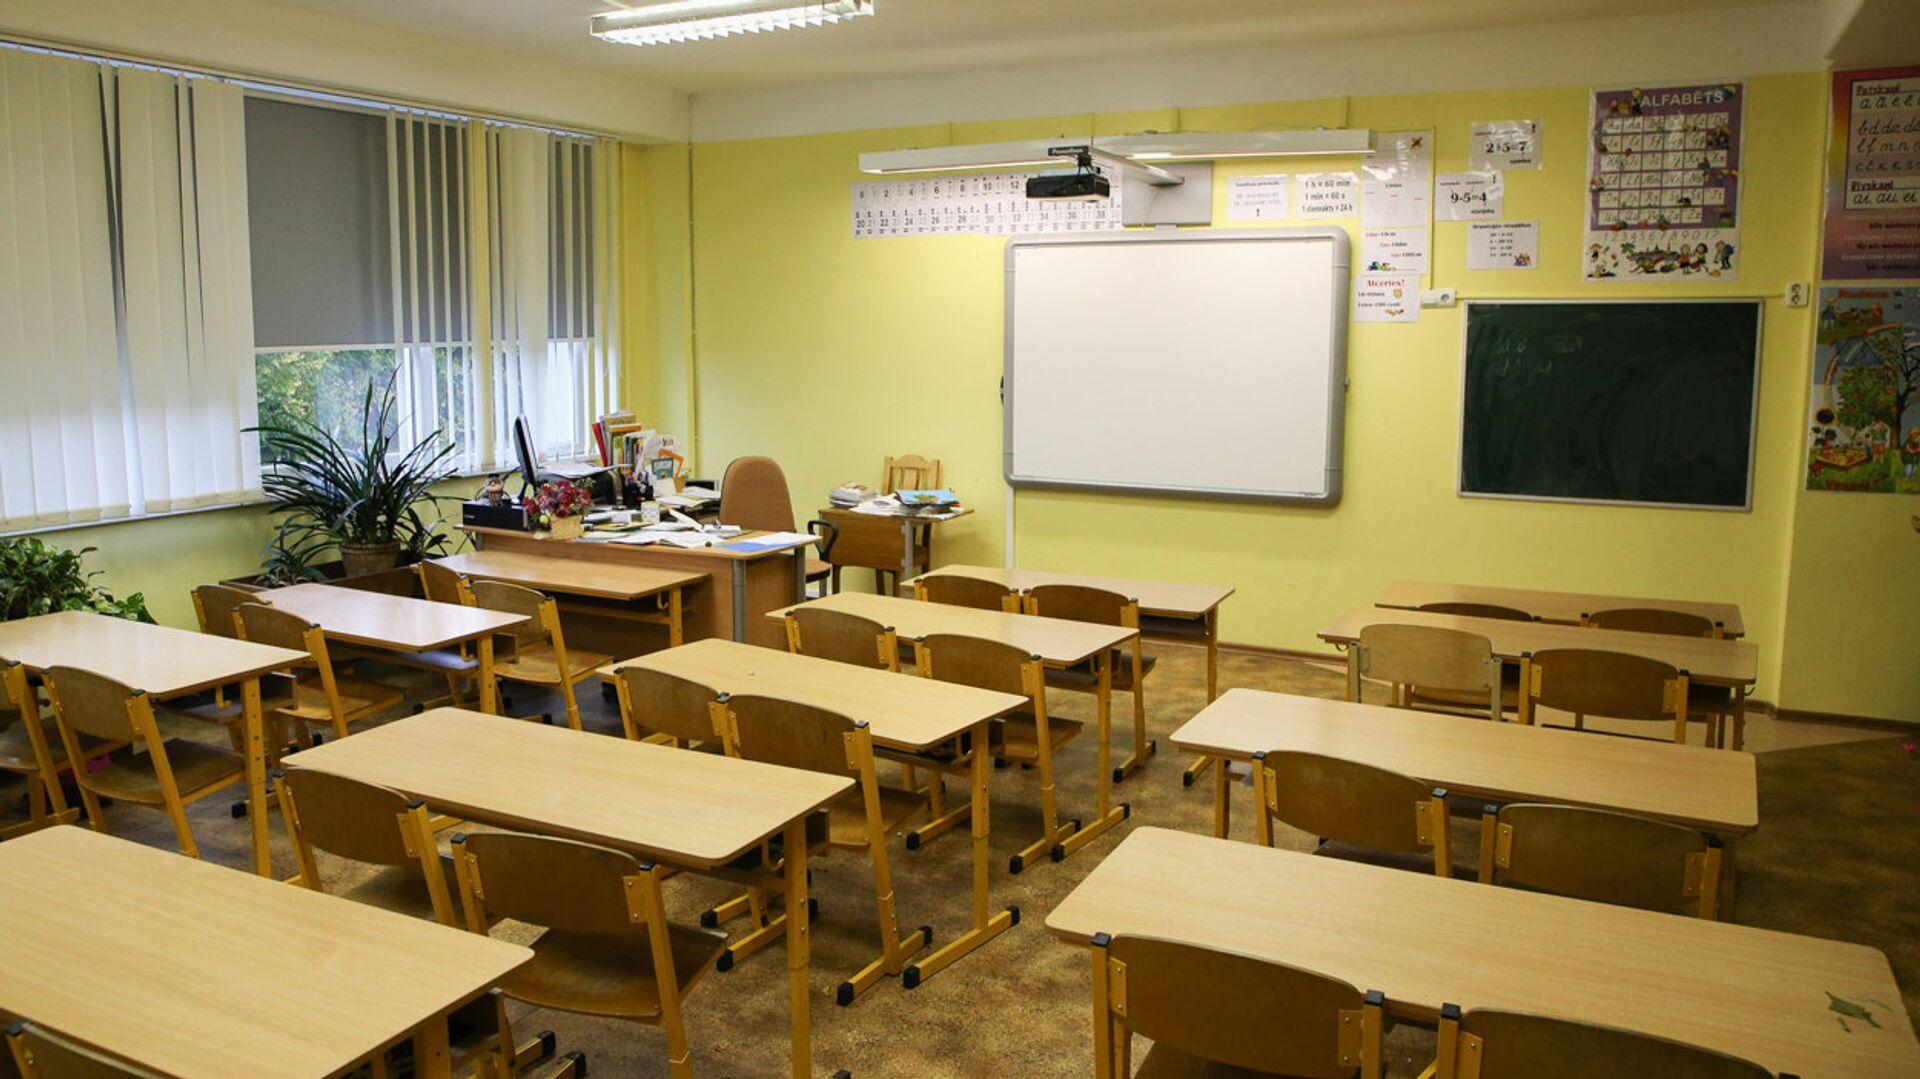 Mācību klasē - Sputnik Latvija, 1920, 28.09.2021